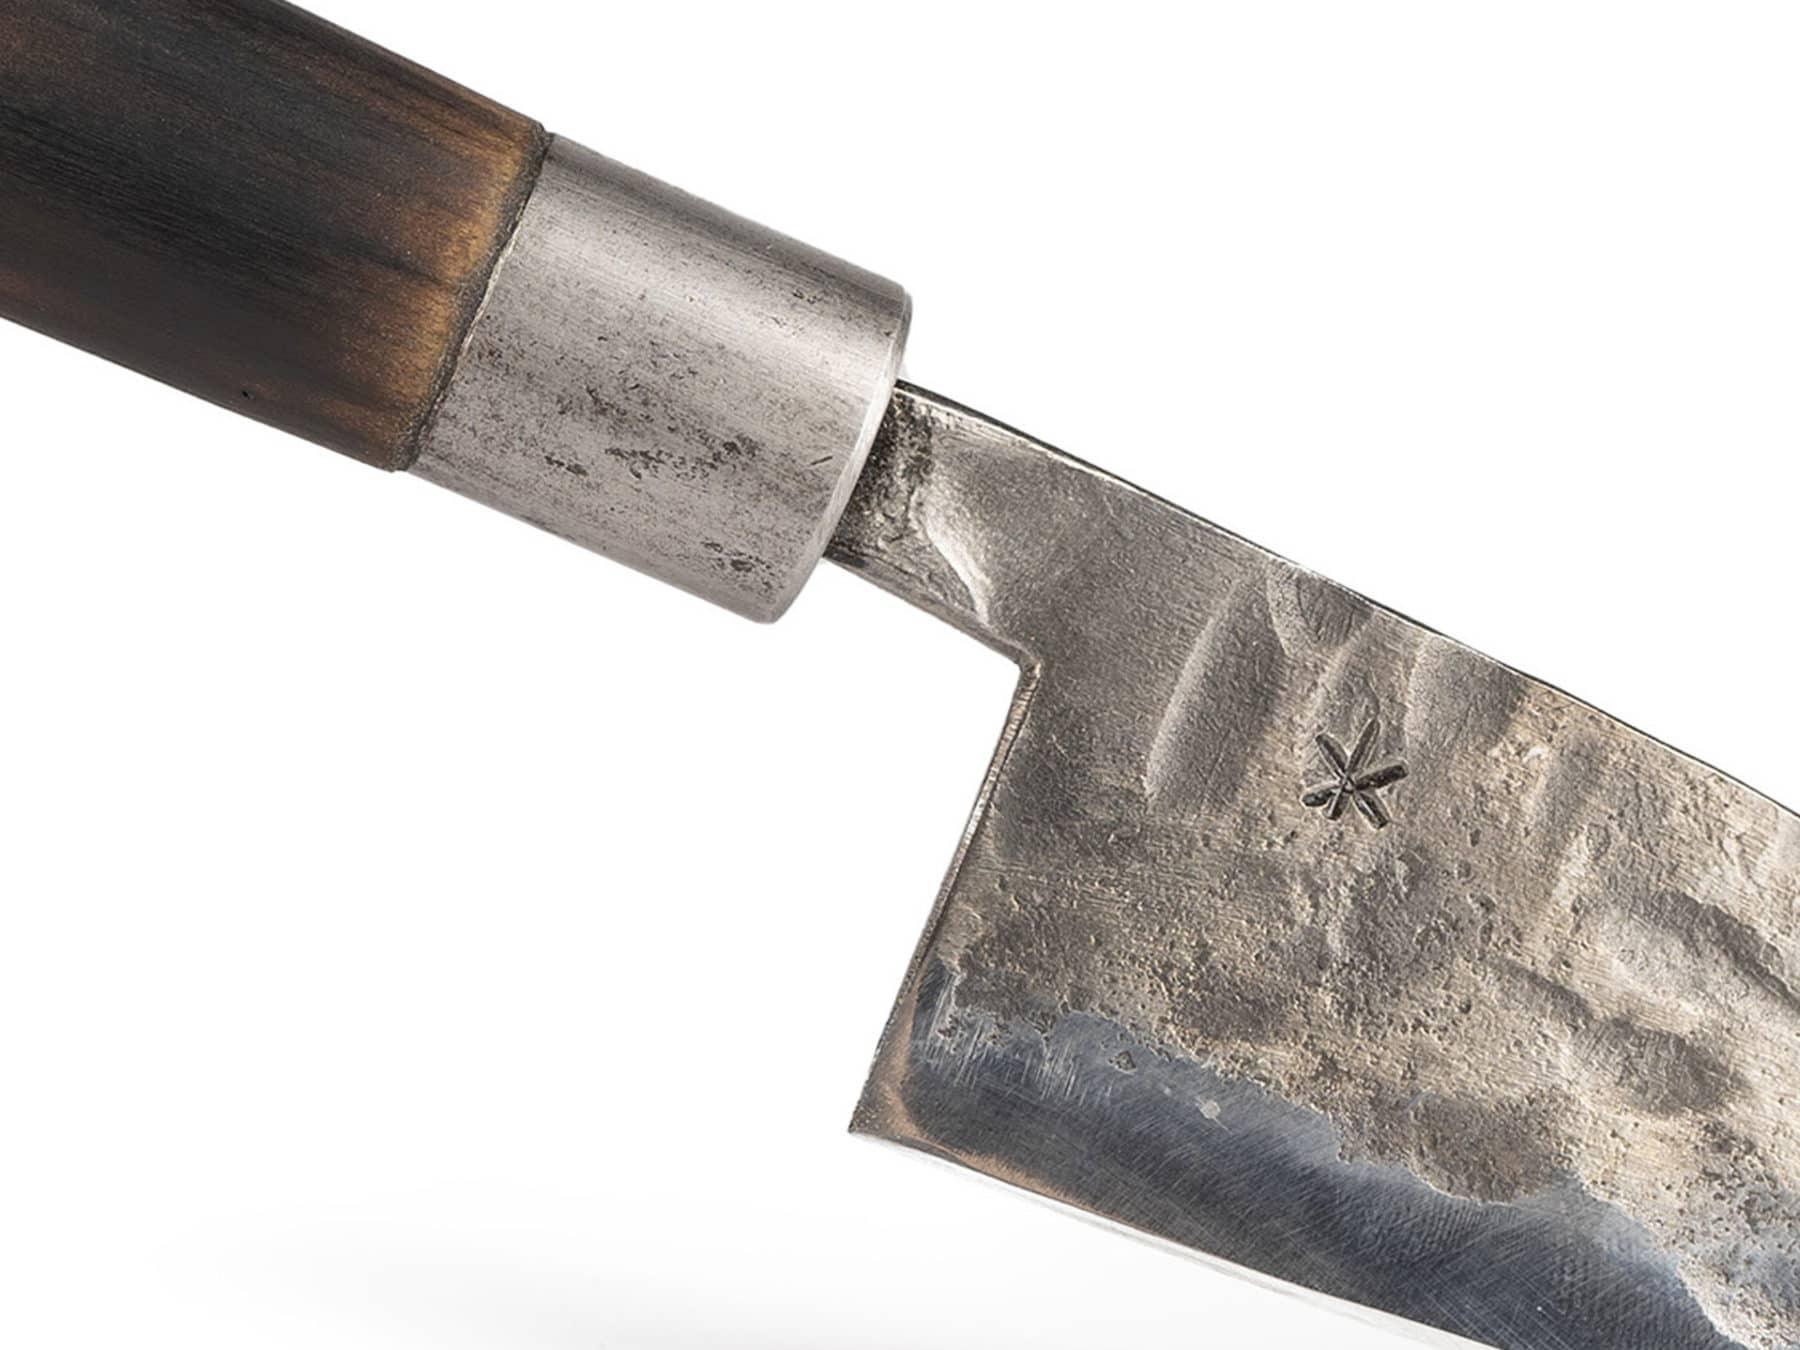 Kuechenmesser klein swiss made handgeschmiedet KURTS